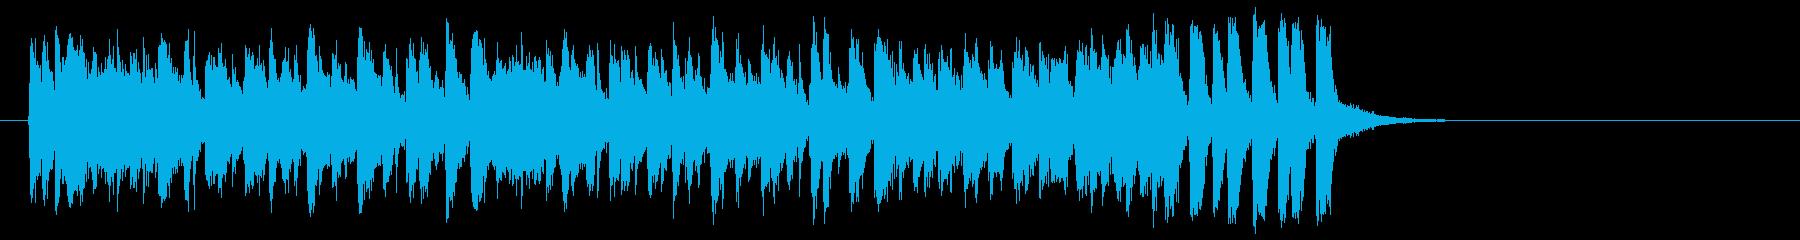 ラテン系フュージョン(イントロ)の再生済みの波形